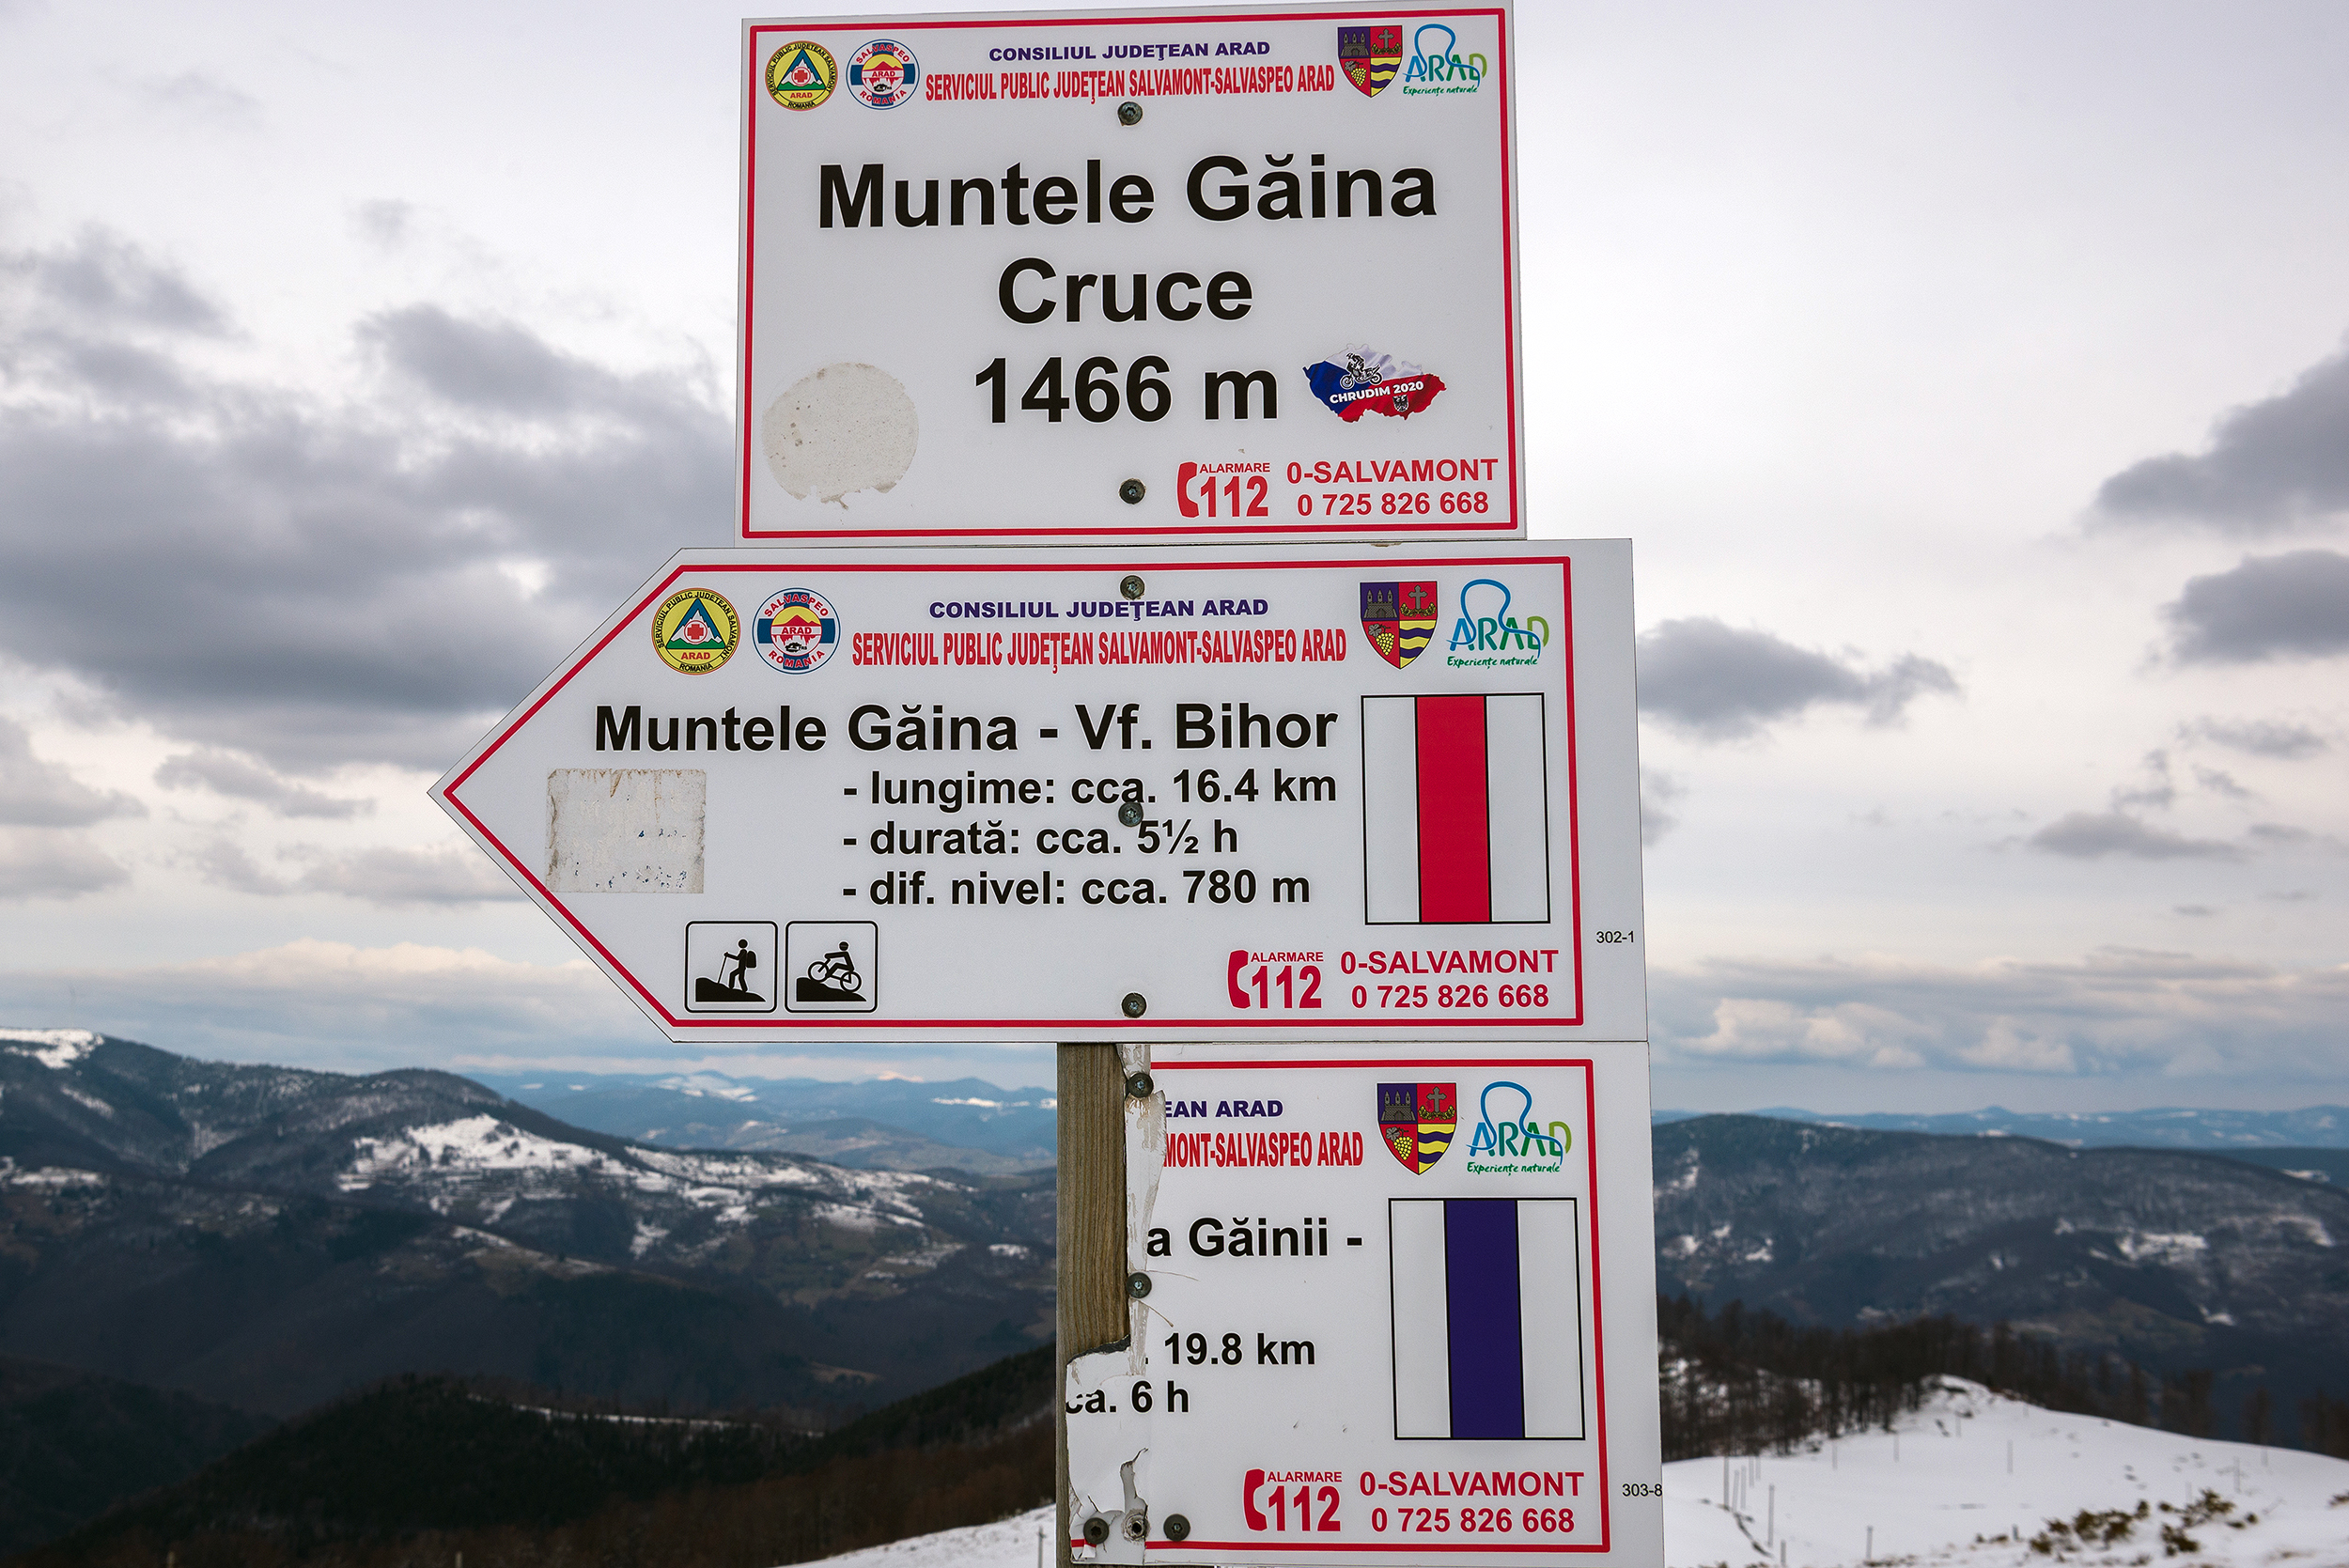 Muntele Găina